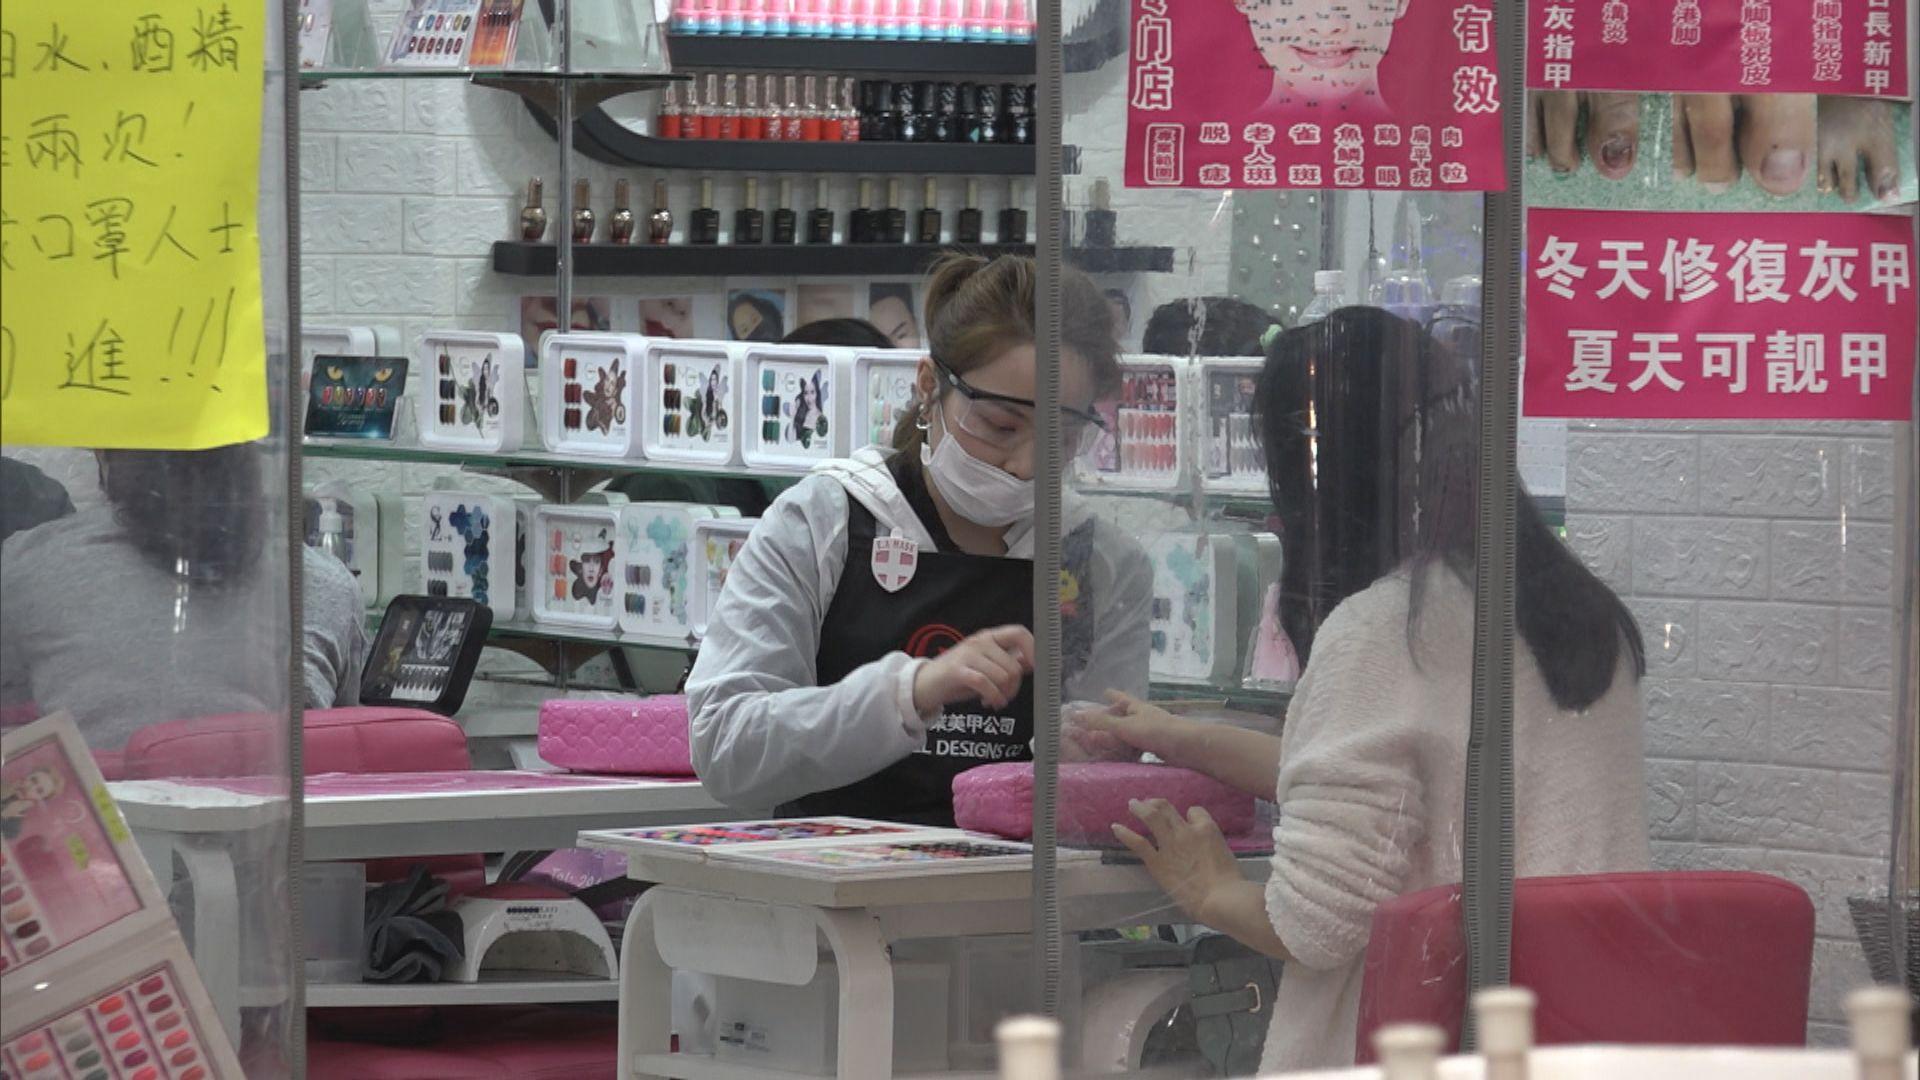 梁子超 : 美容院交叉感染風險大 措施不足阻病毒傳播